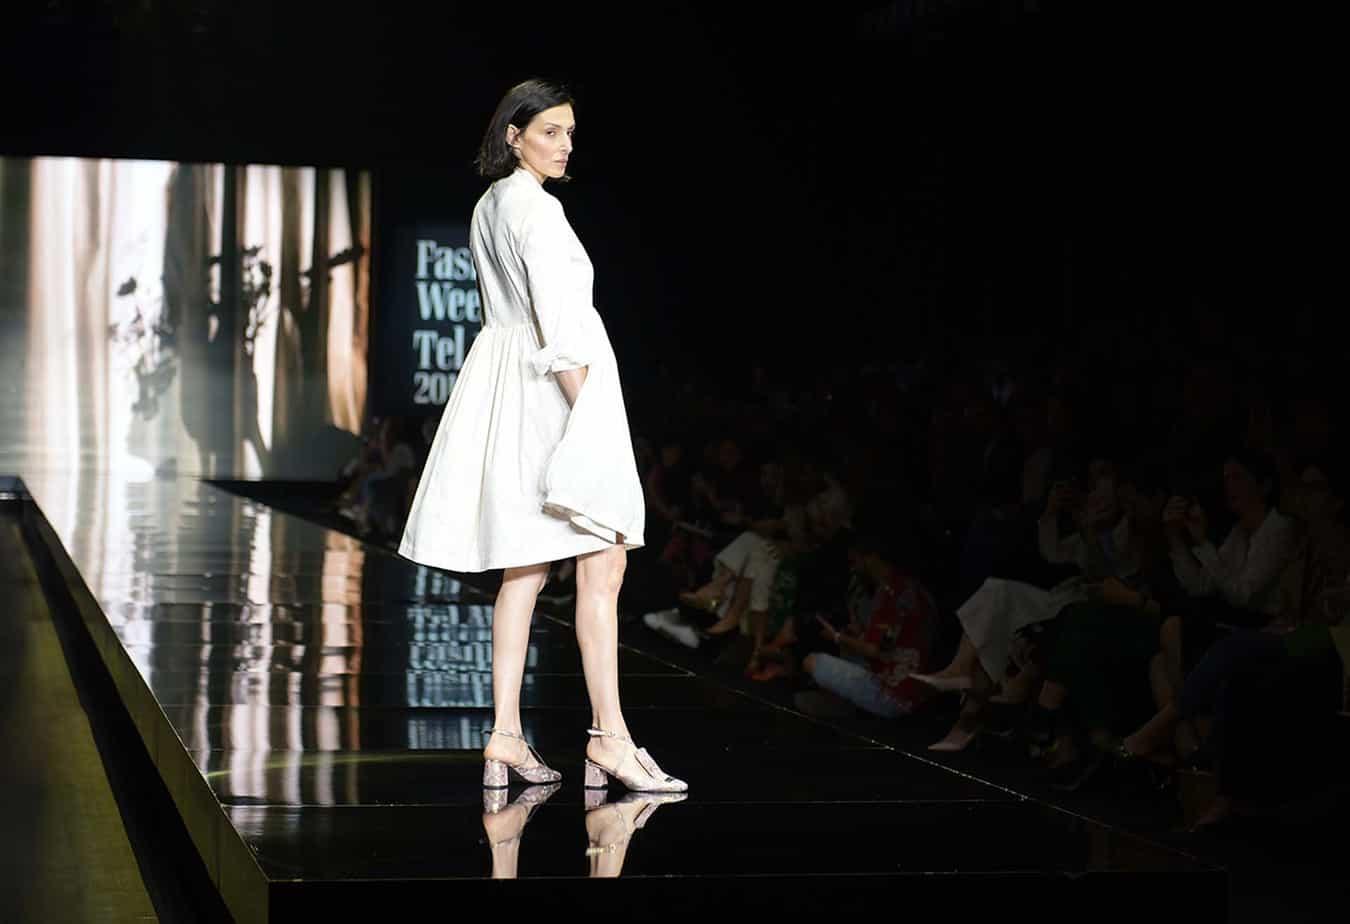 דורין פרנקפורט. שבוע האופנה תל אביב 2019. צילום סרג'ו סטרודובצב - 6